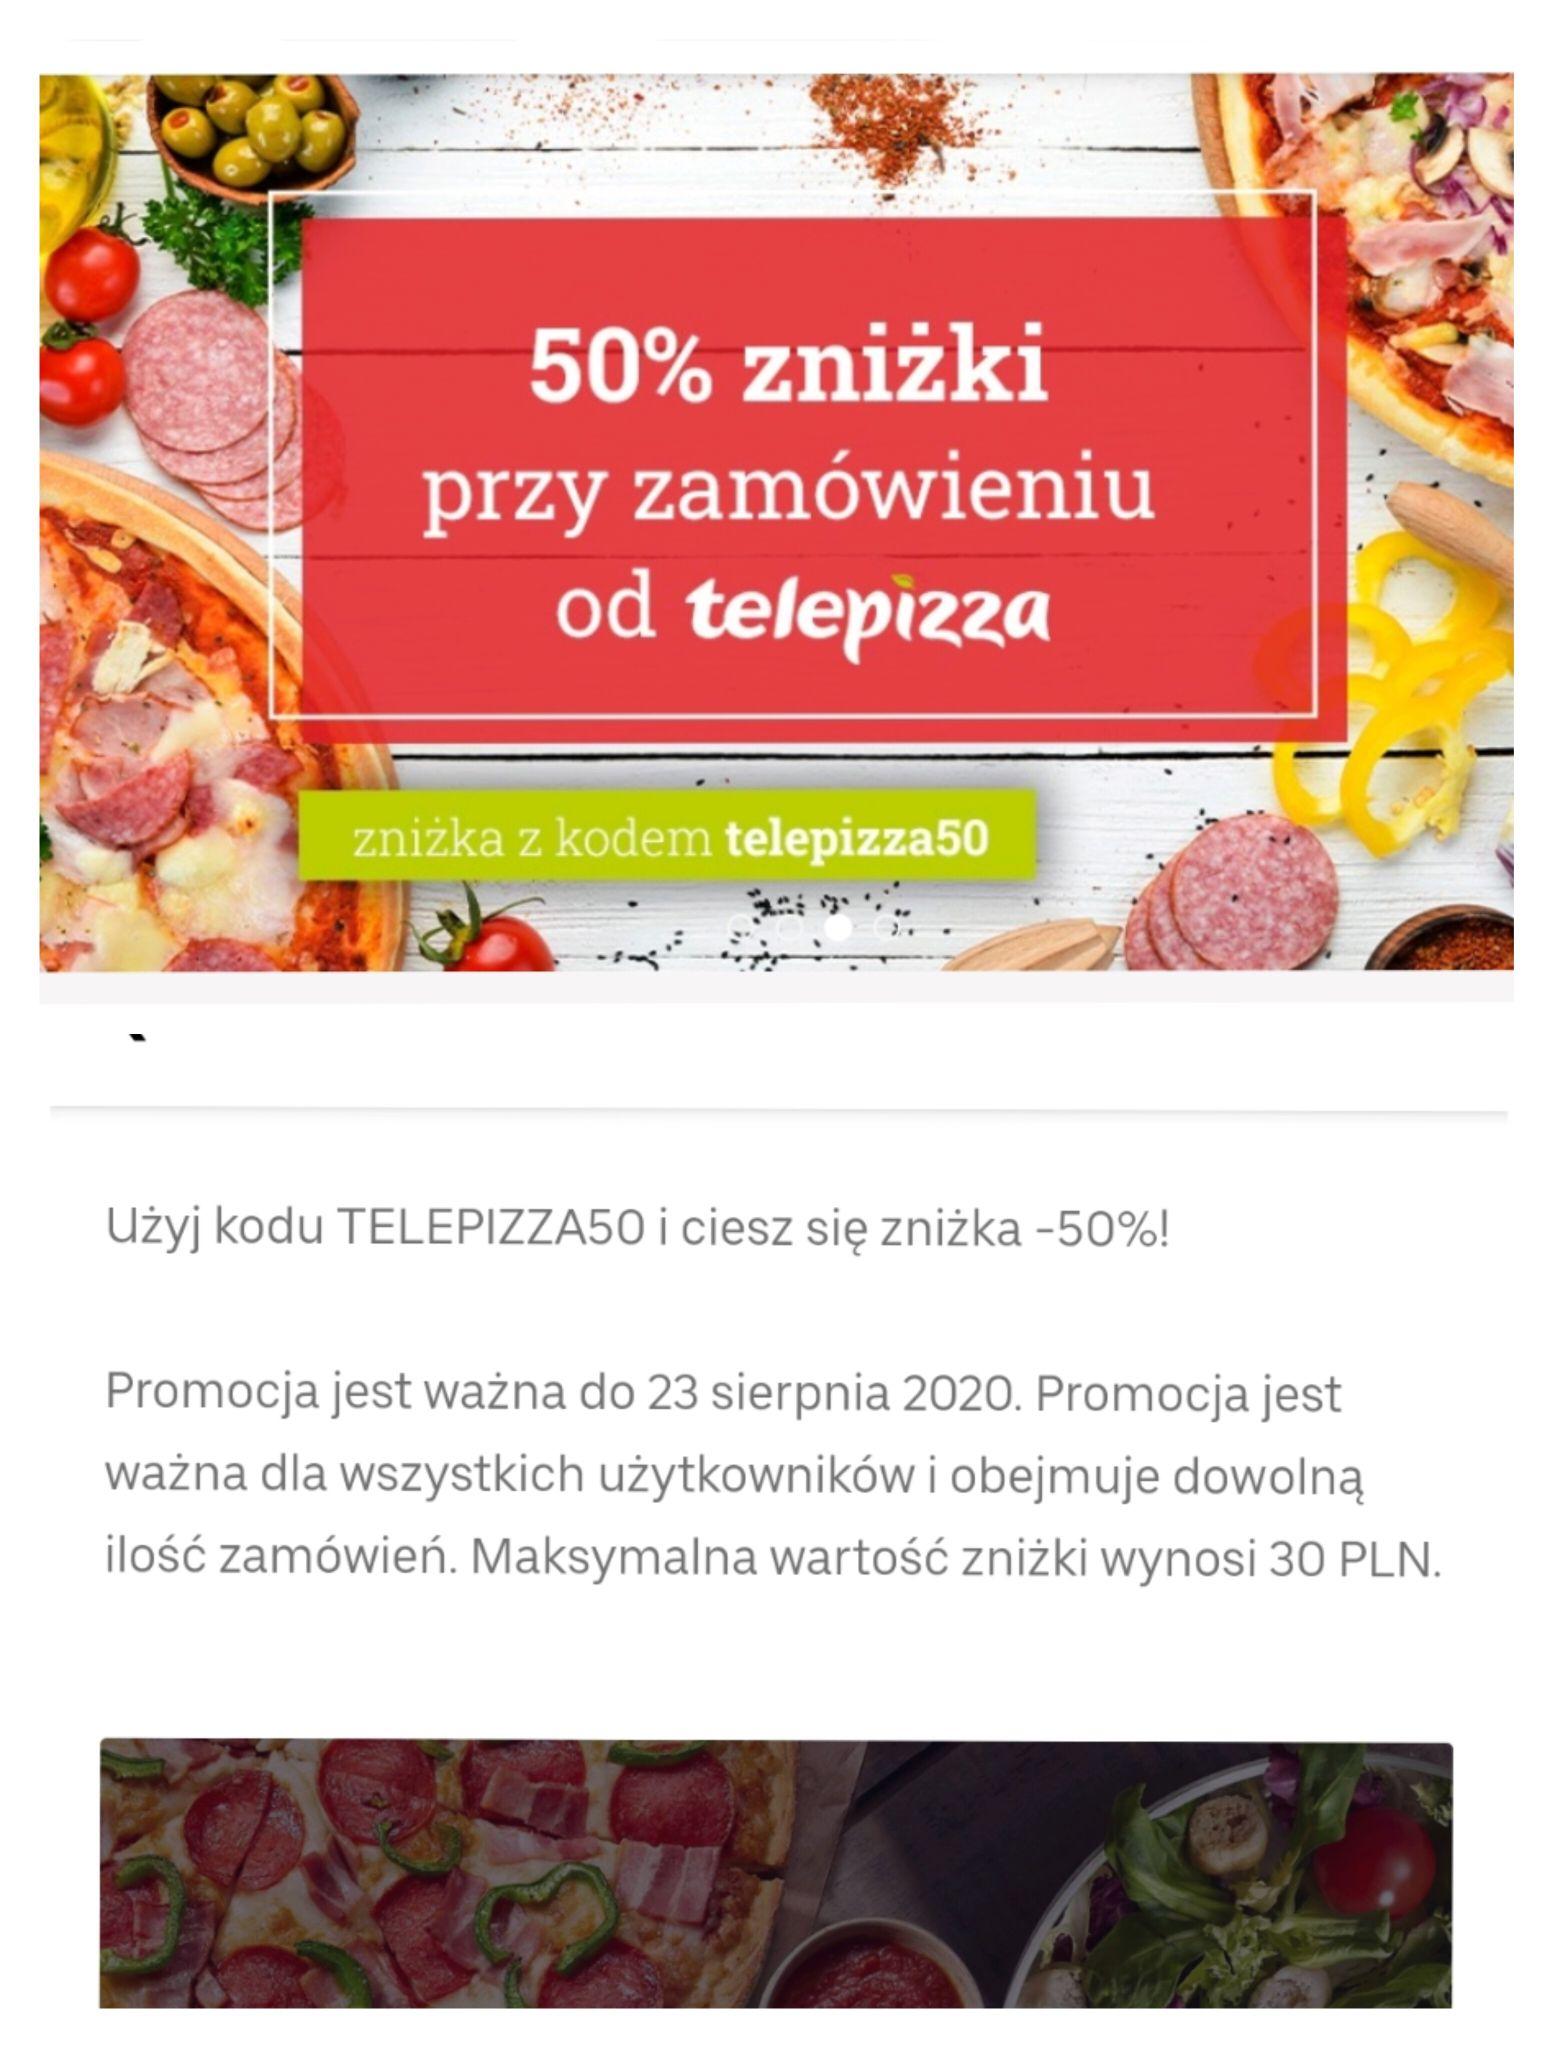 TELEPIZZA -50% na zamówienie (max do 30 PLN zniżki)/ Uber eats - 3x średnia pizza za 26,98 z odbiorem osobistym